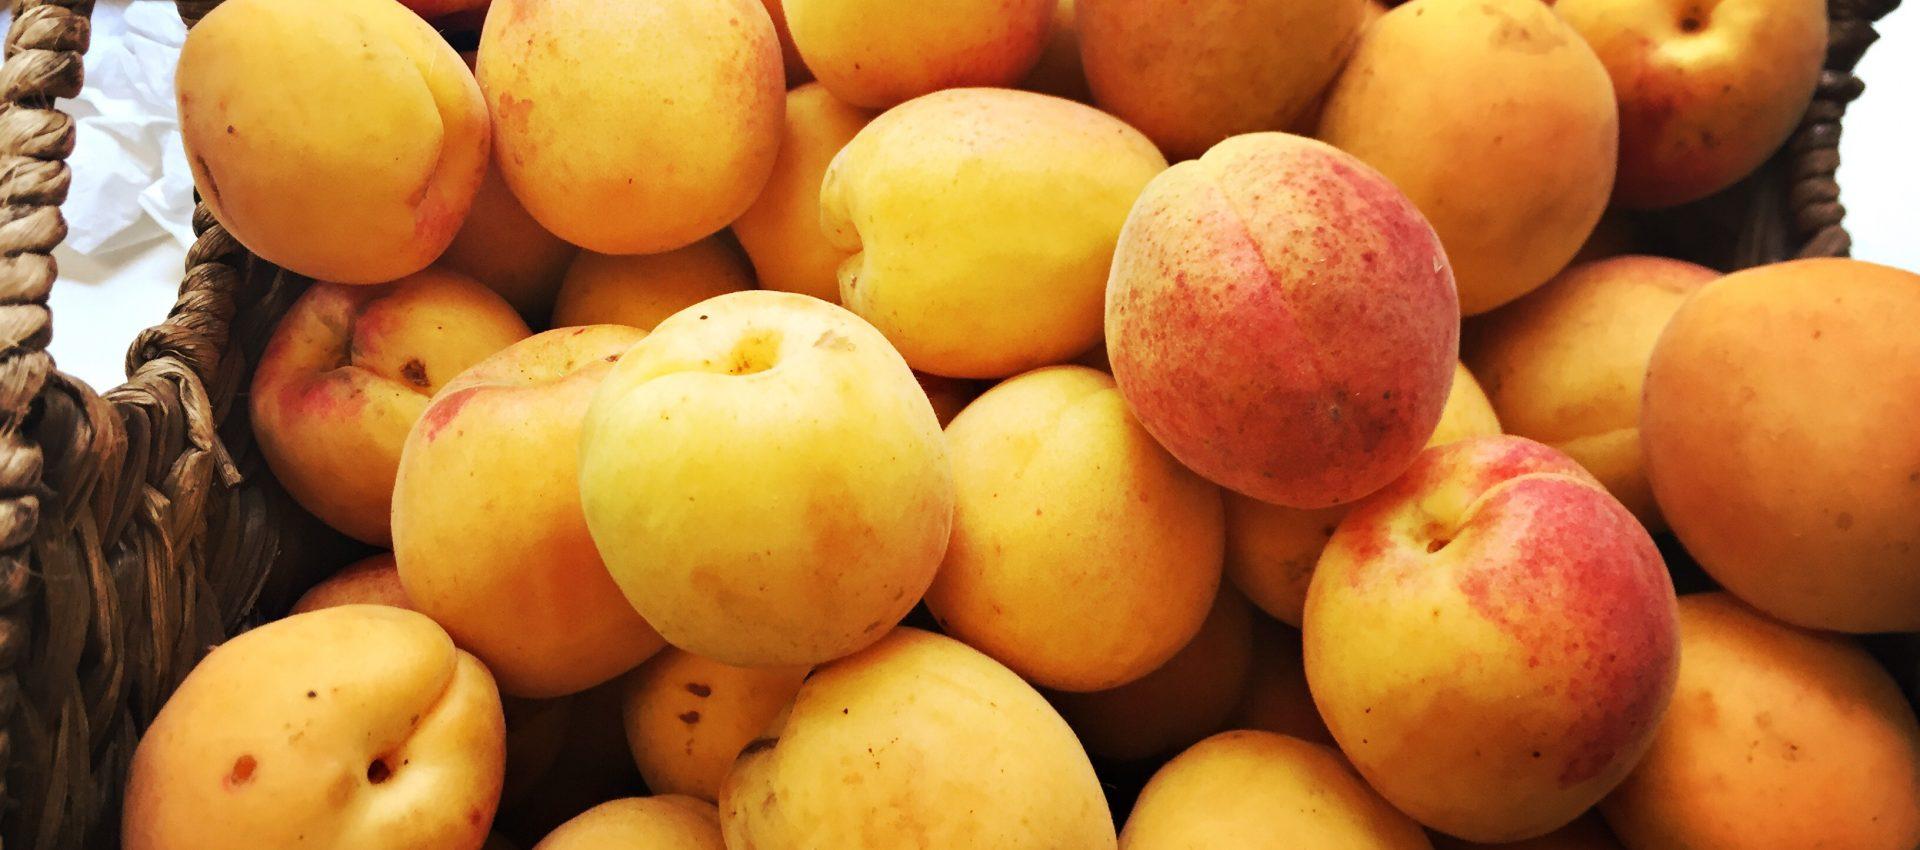 bens-farm-shop-apricot-jam-3